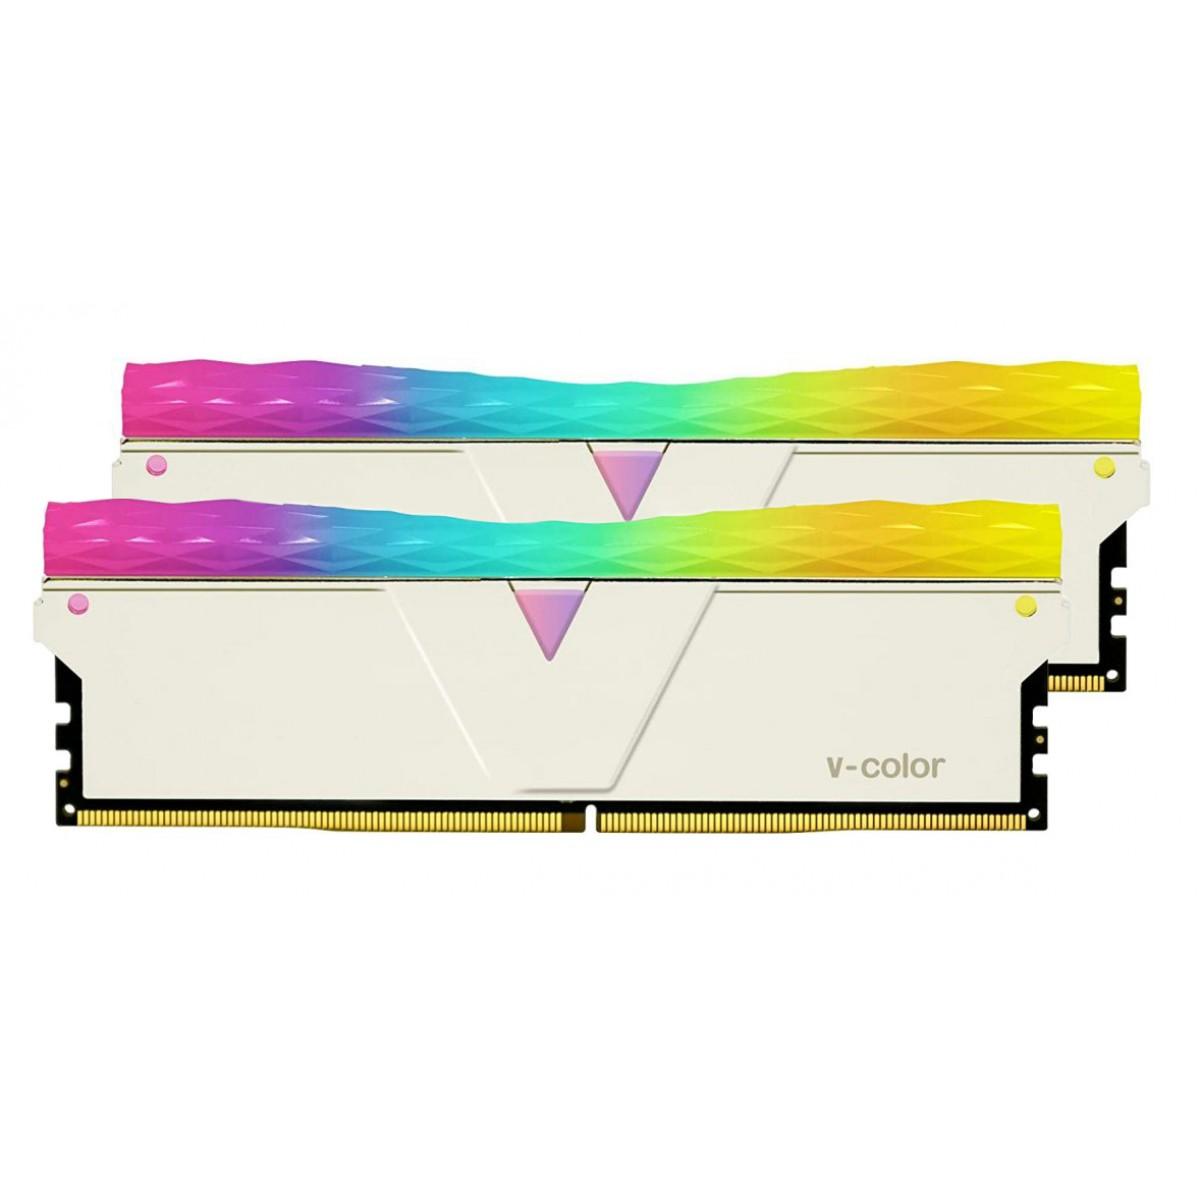 Memória DDR4 V-Color Prism Pro, 16GB (2x8GB), 4133Mhz, RGB, Silver, TL8G41819D-E6PRSWK